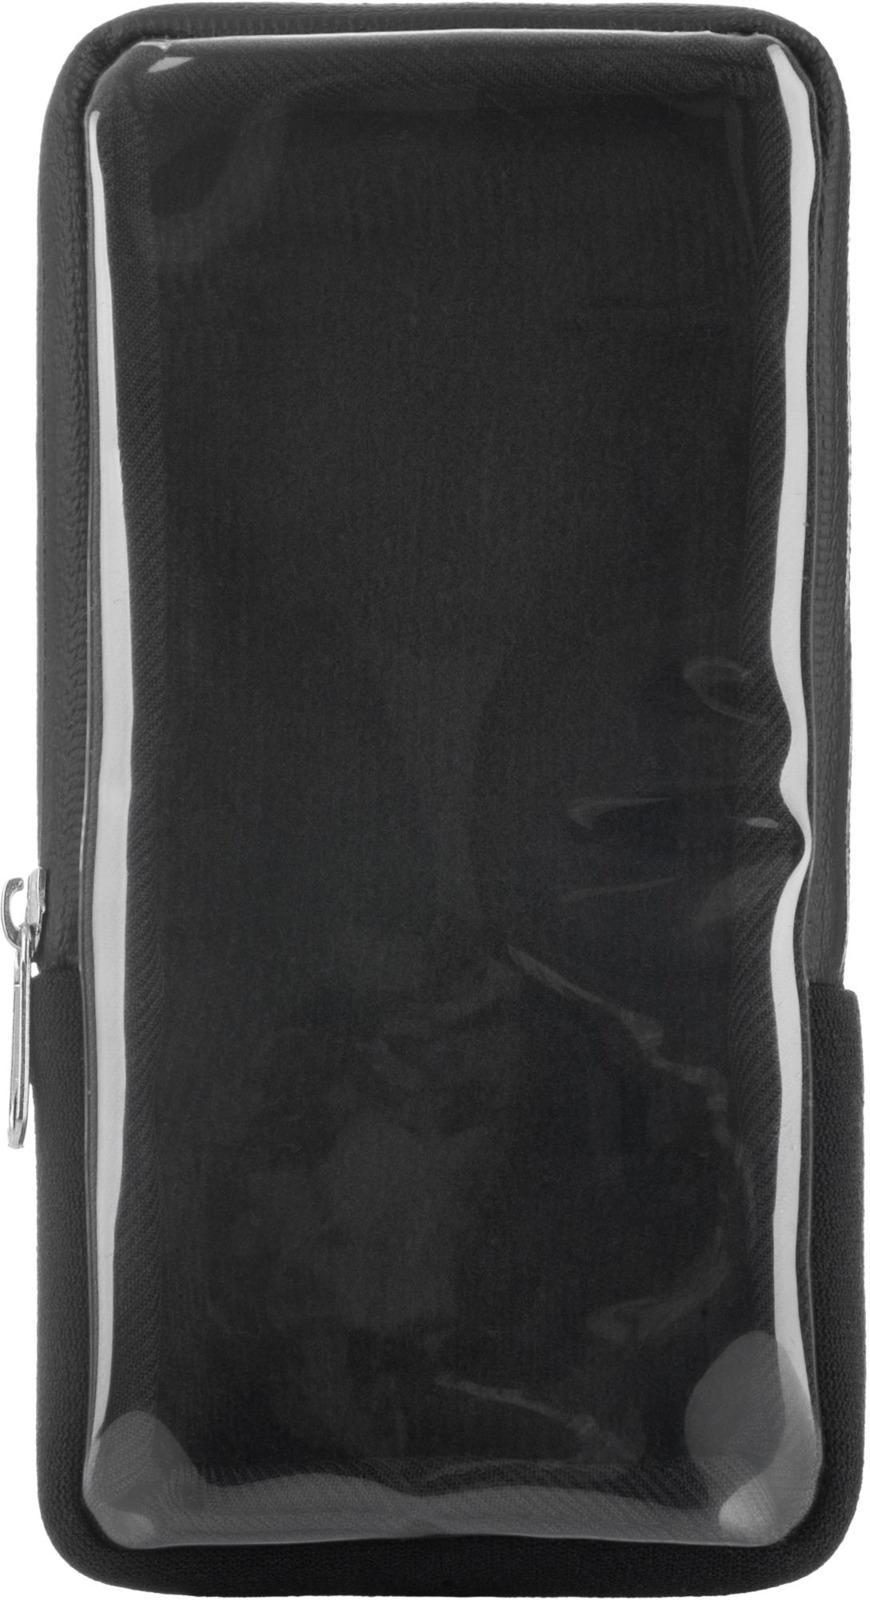 цена на Чехол для смартфона Stern CPC-2 Smartphone case, черный